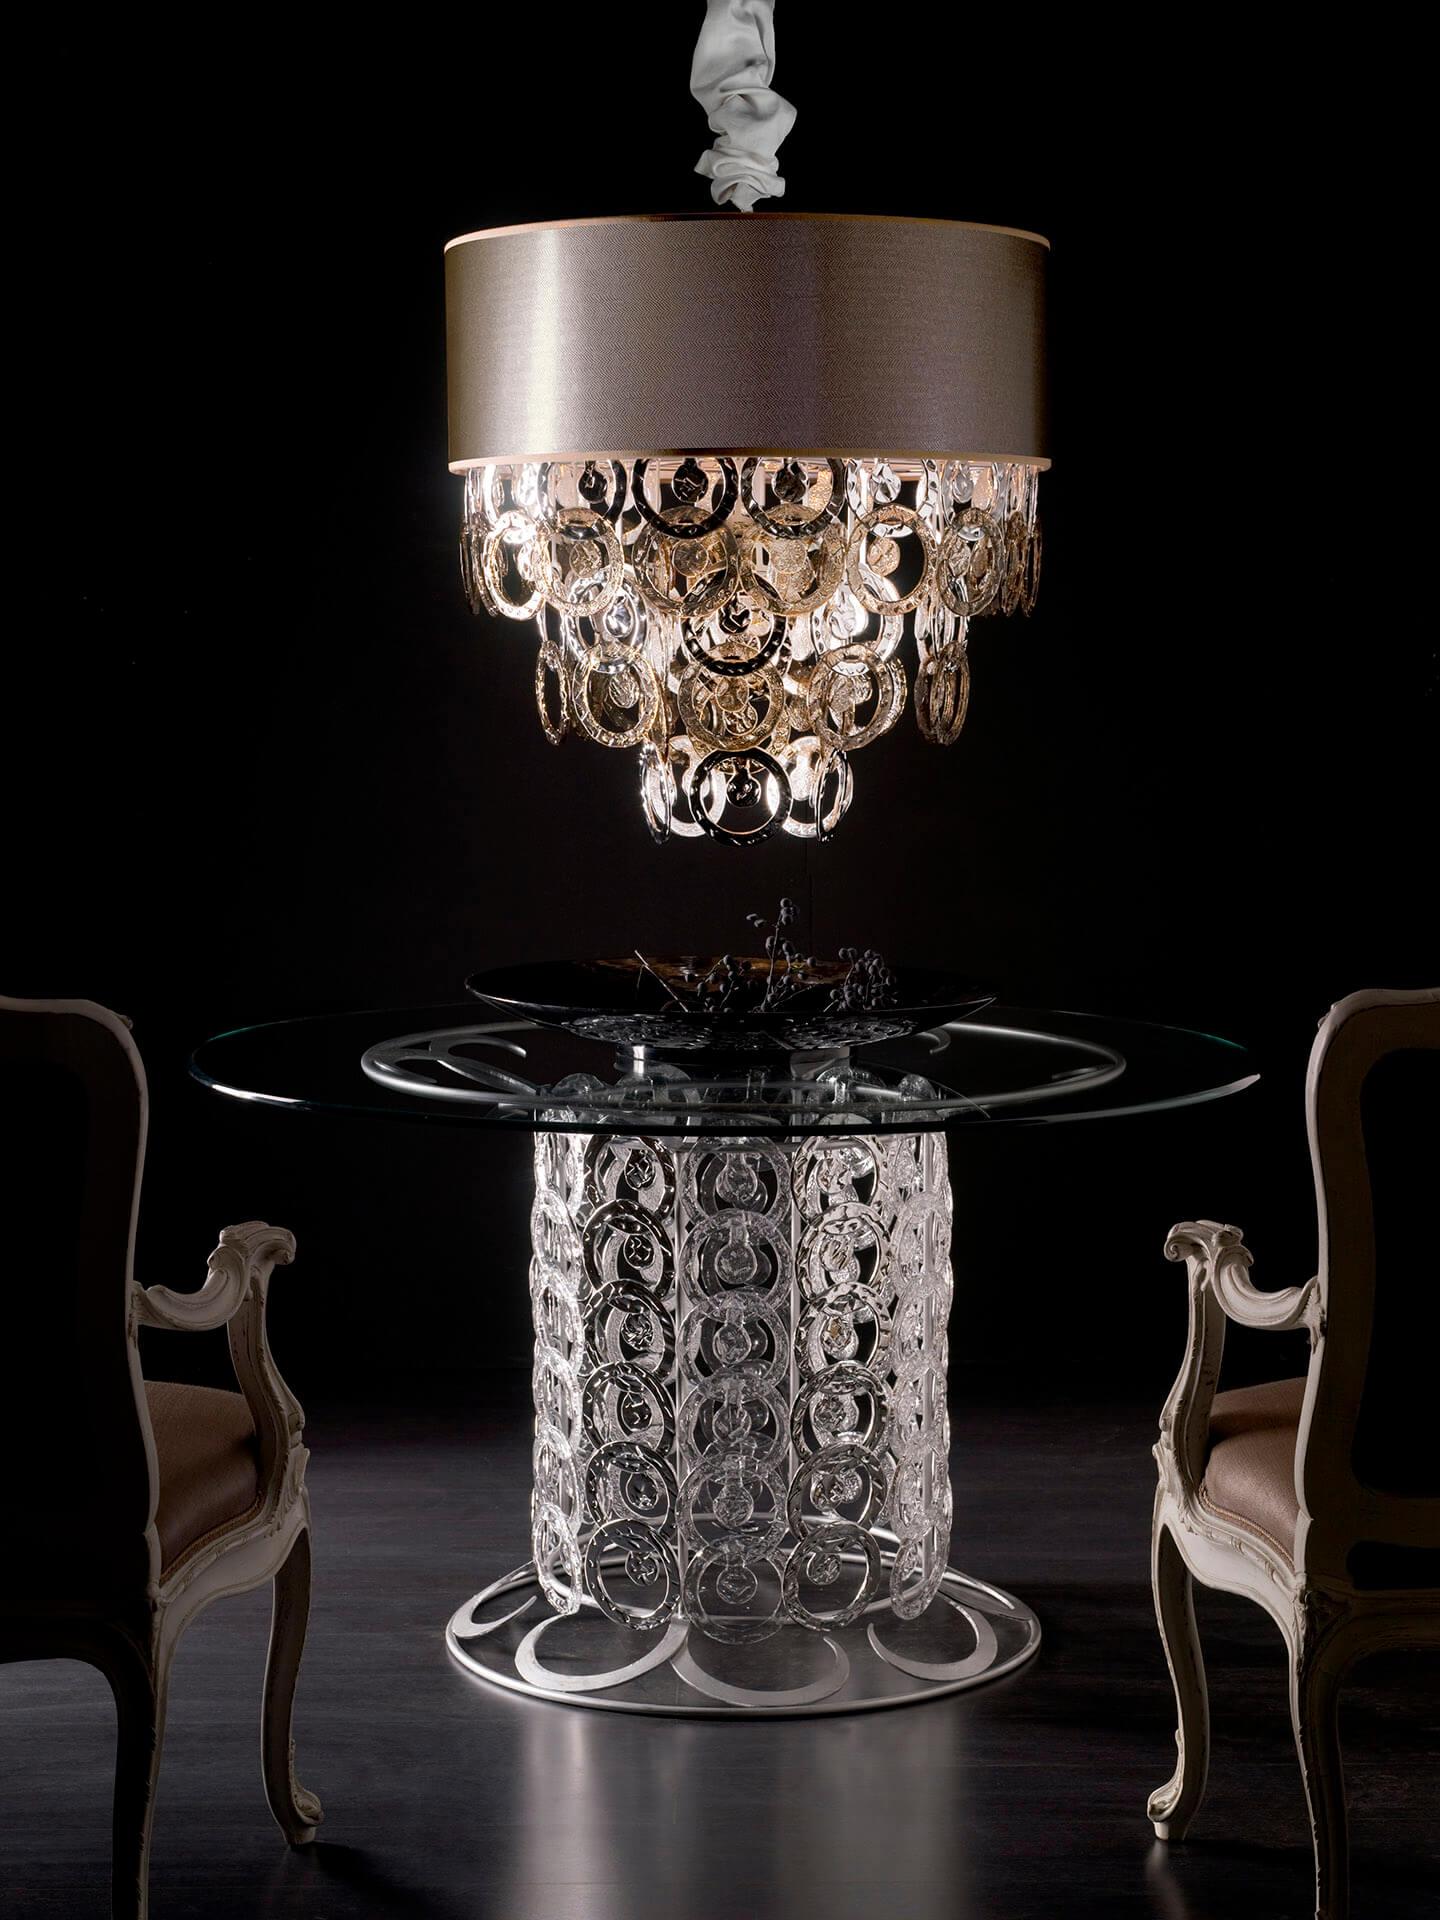 tavolo e lampadario in vetro